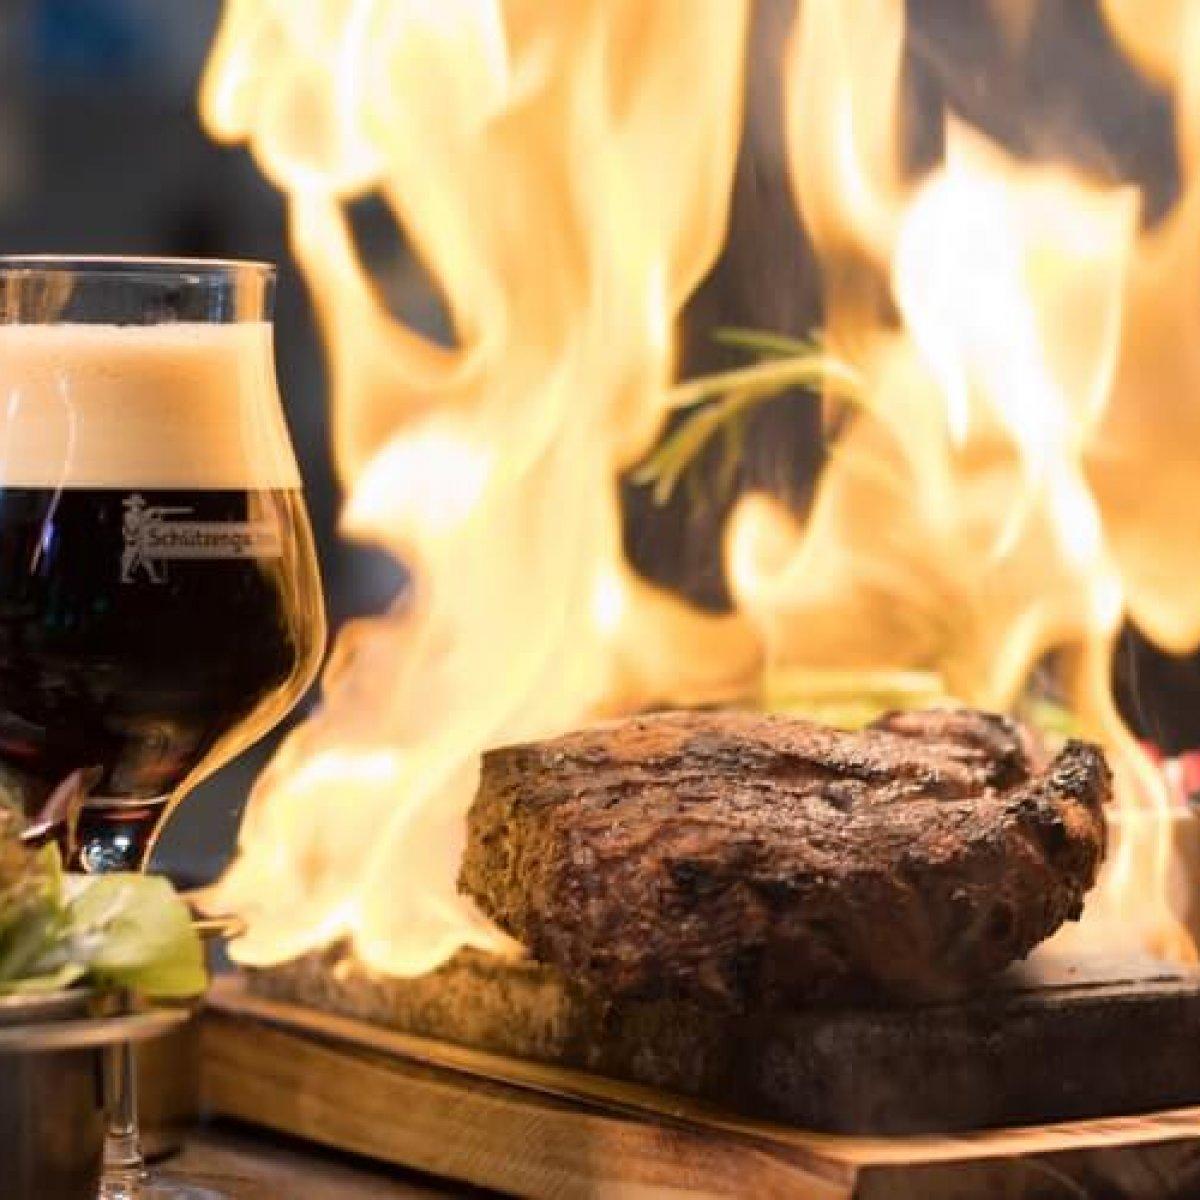 unsplash.steakbeerflame - National Restaurant Properties